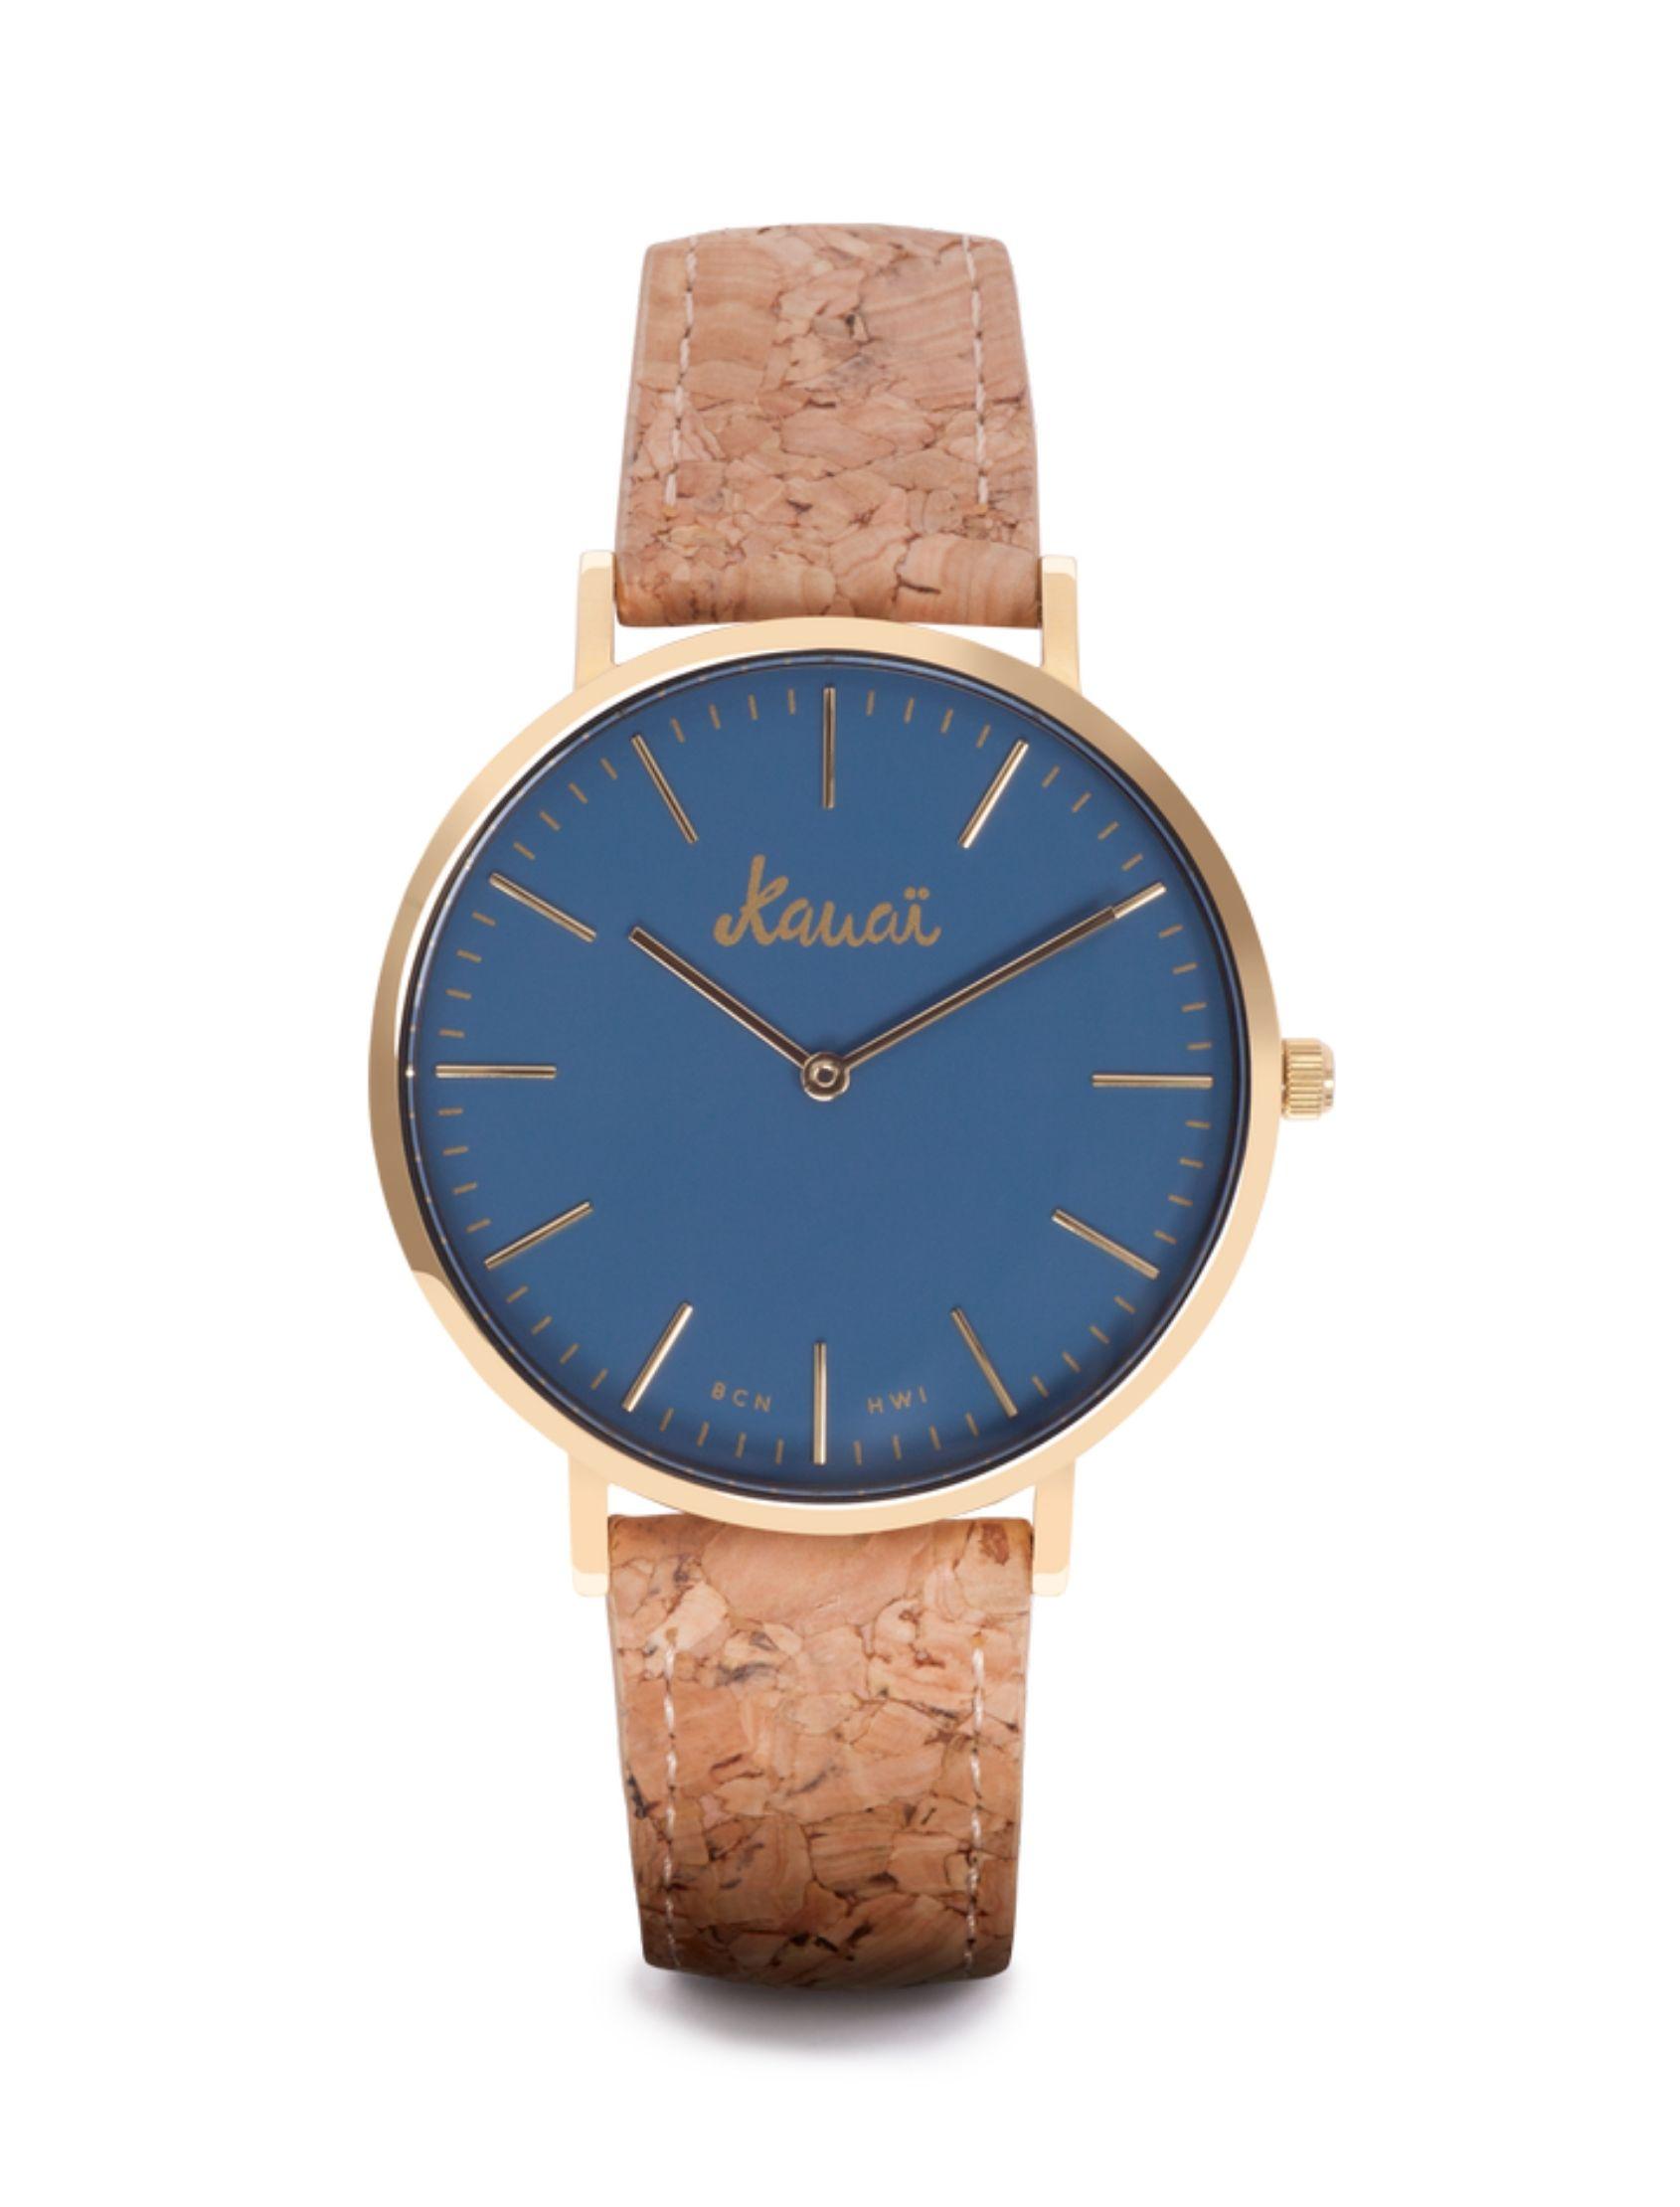 Reloj moana blue con esfera azul y caja dorada. Correa de corcho